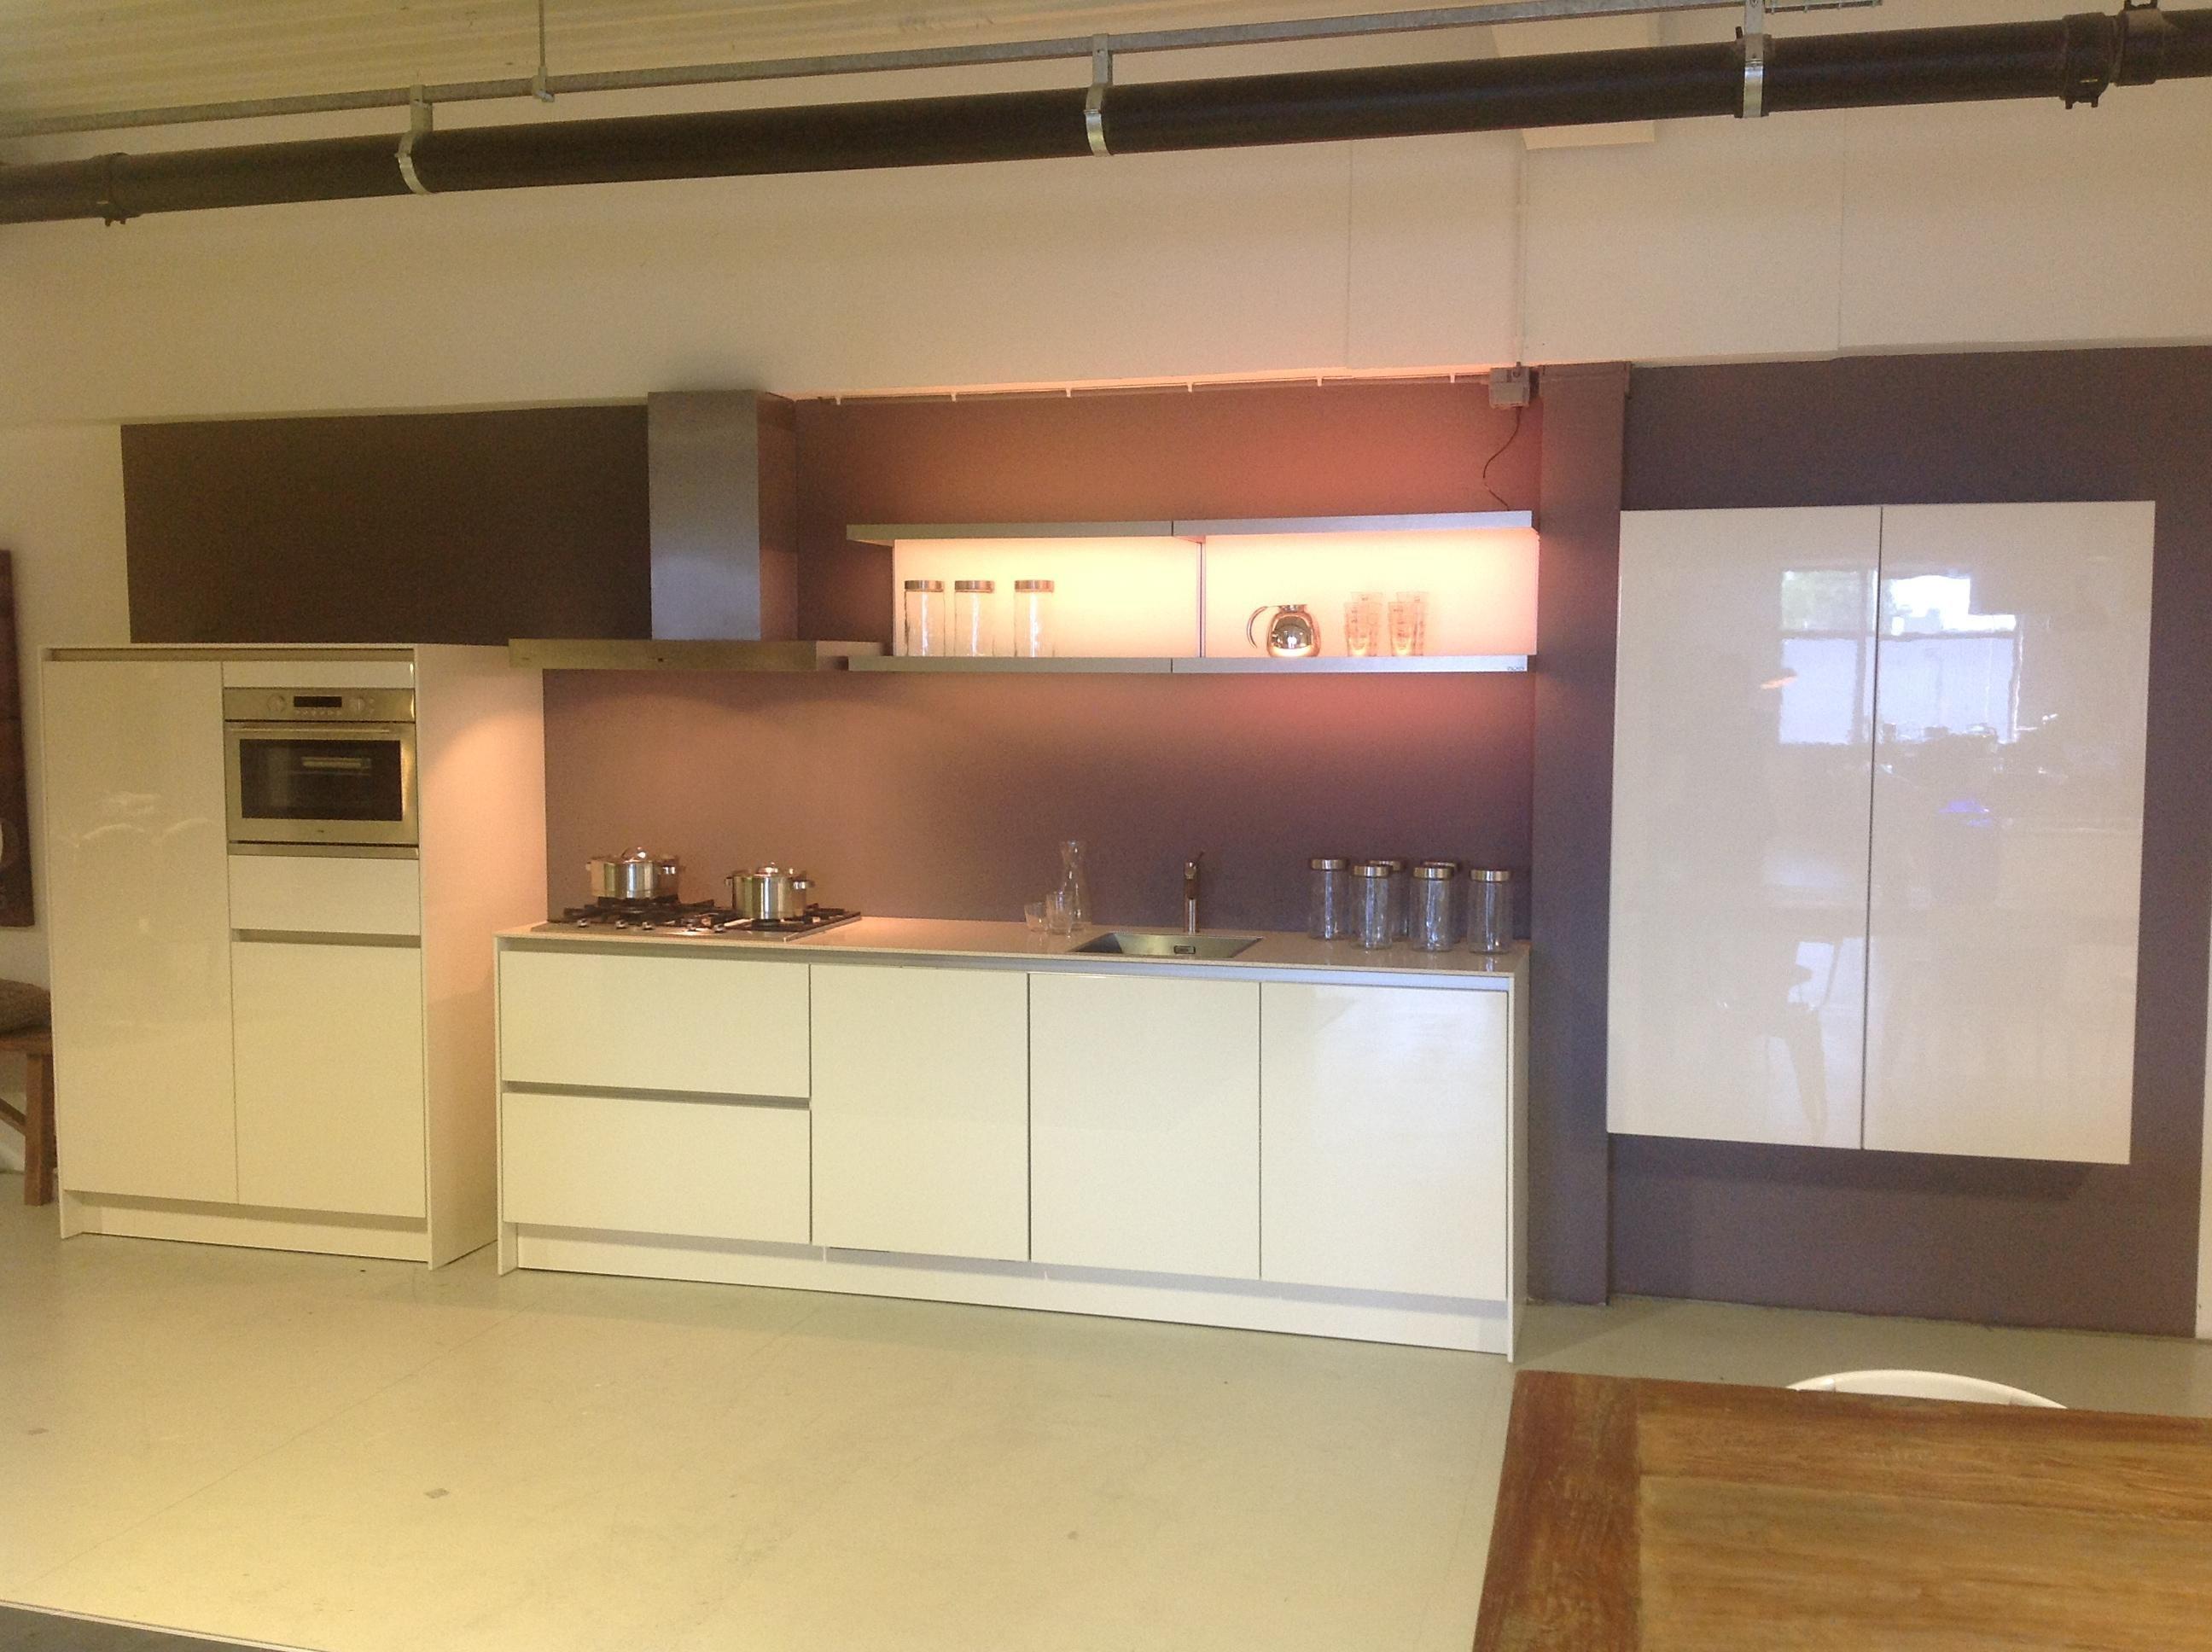 Greeploze Keukens Aanbieding : Siematic Keuken Aanbieding – Atumre com